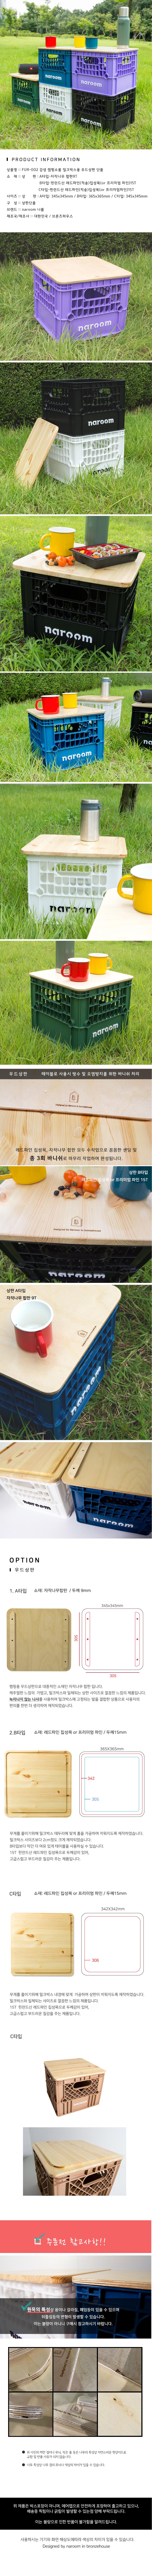 [나룸] FUR-002 감성 캠핑용품 밀크박스용 우드상판[단품] - 브론즈하우스, 17,600원, 캠핑소품, 캠핑용품